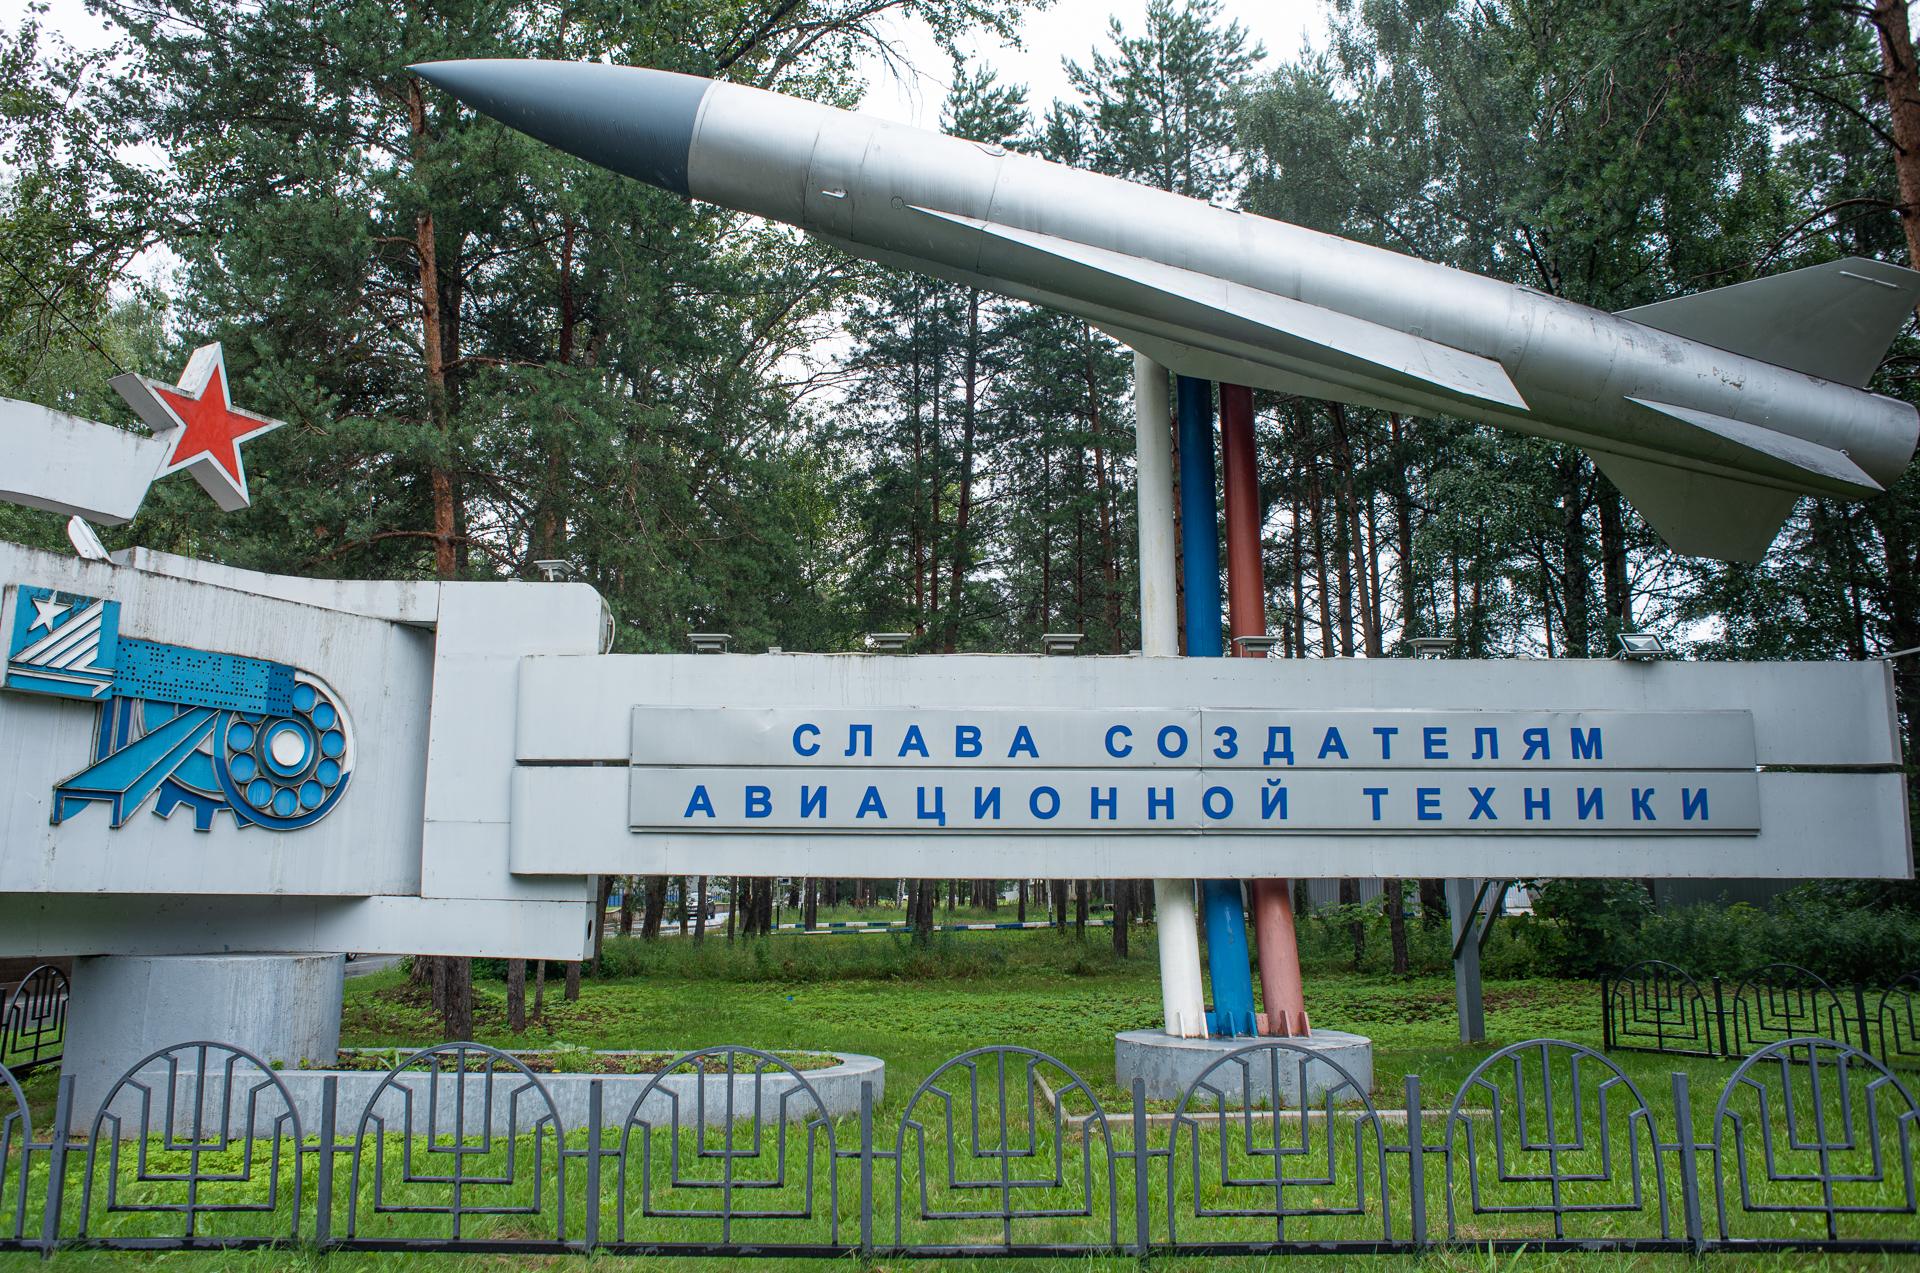 Дубна, Слава создателям авиационной техники